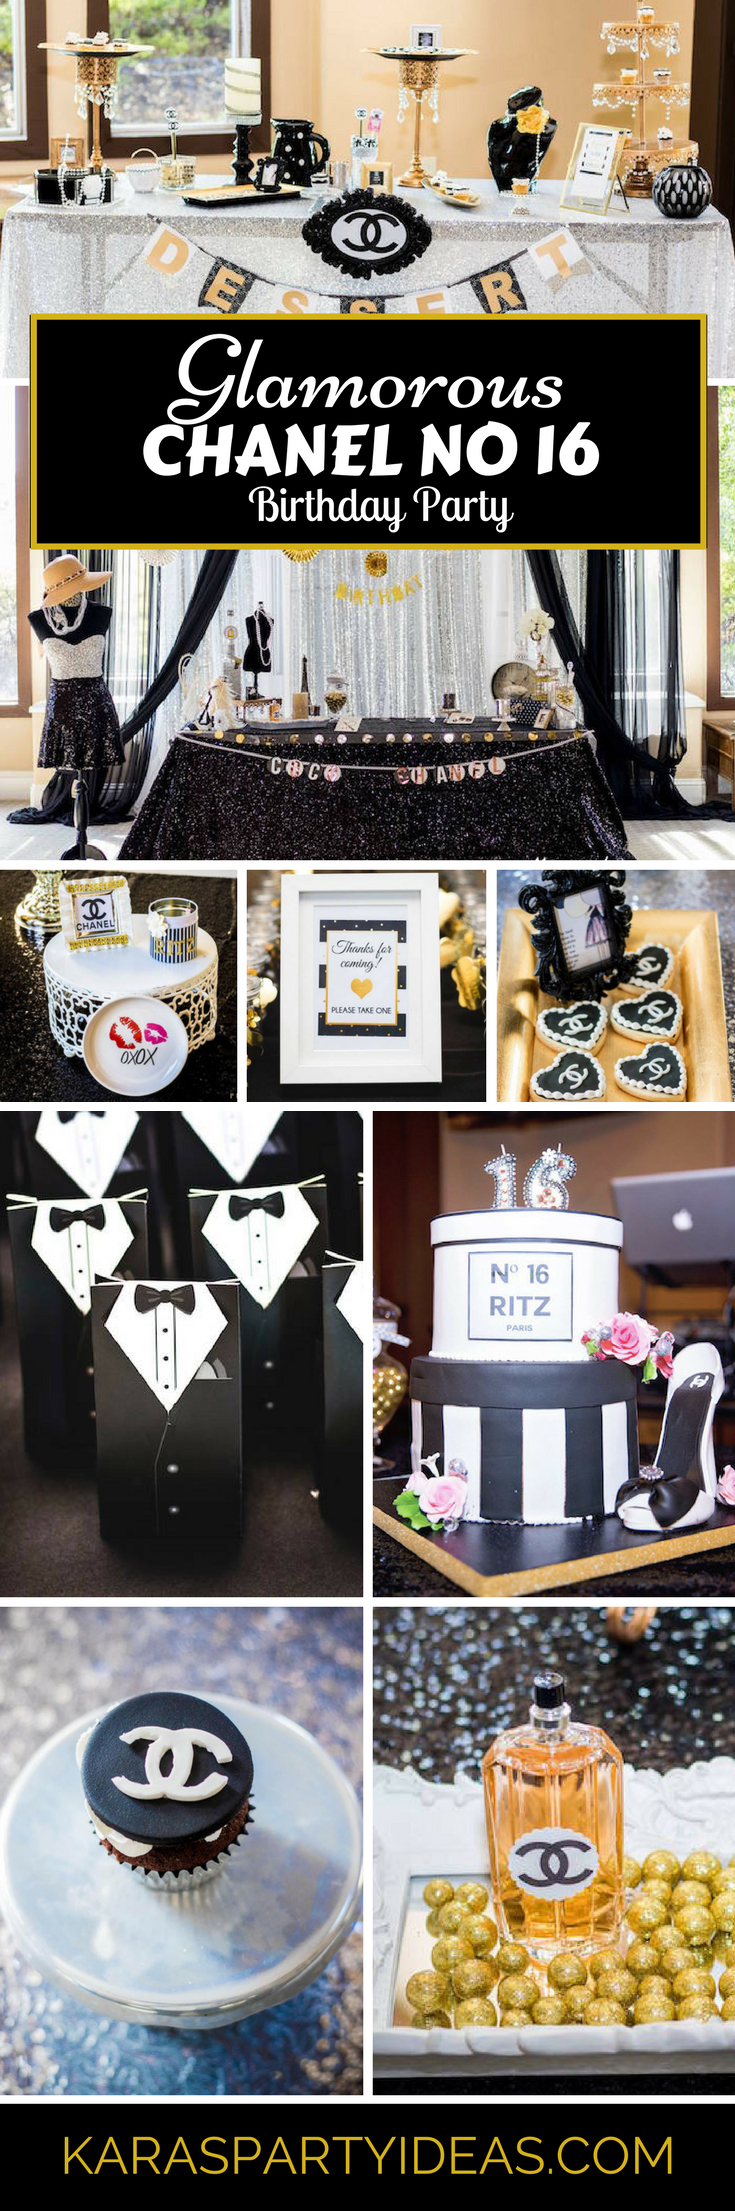 Glamorous Chanel no 16 birthday party via Kara's Party Ideas